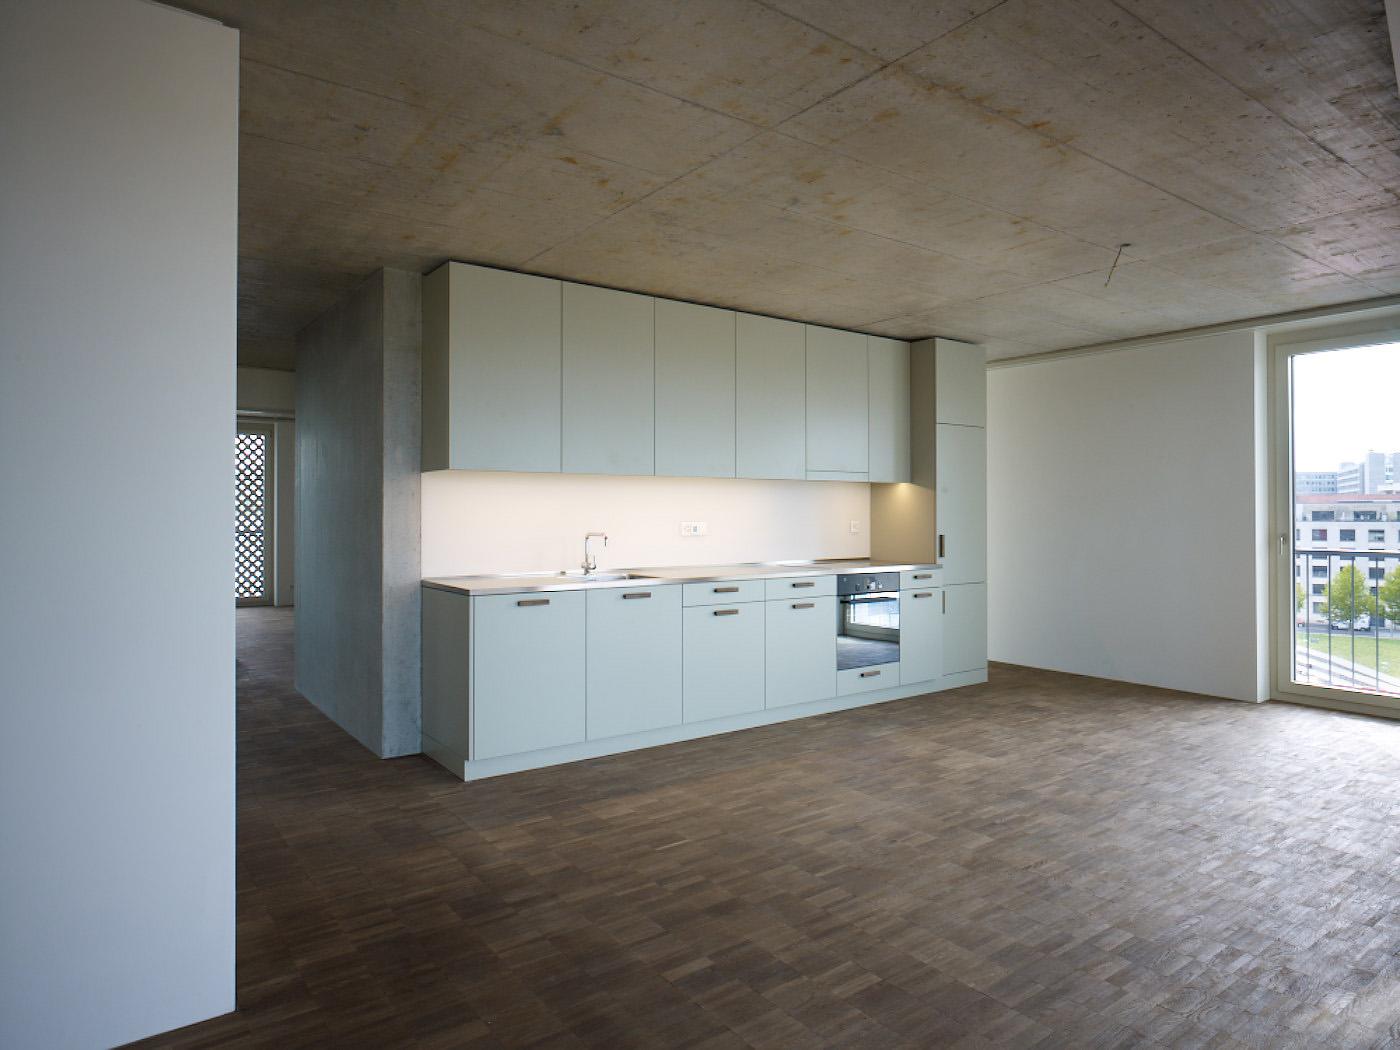 Full Size of Küchenideen Kchenideen Und Kchenstile Hossmann Kchen Ag Wohnzimmer Küchenideen